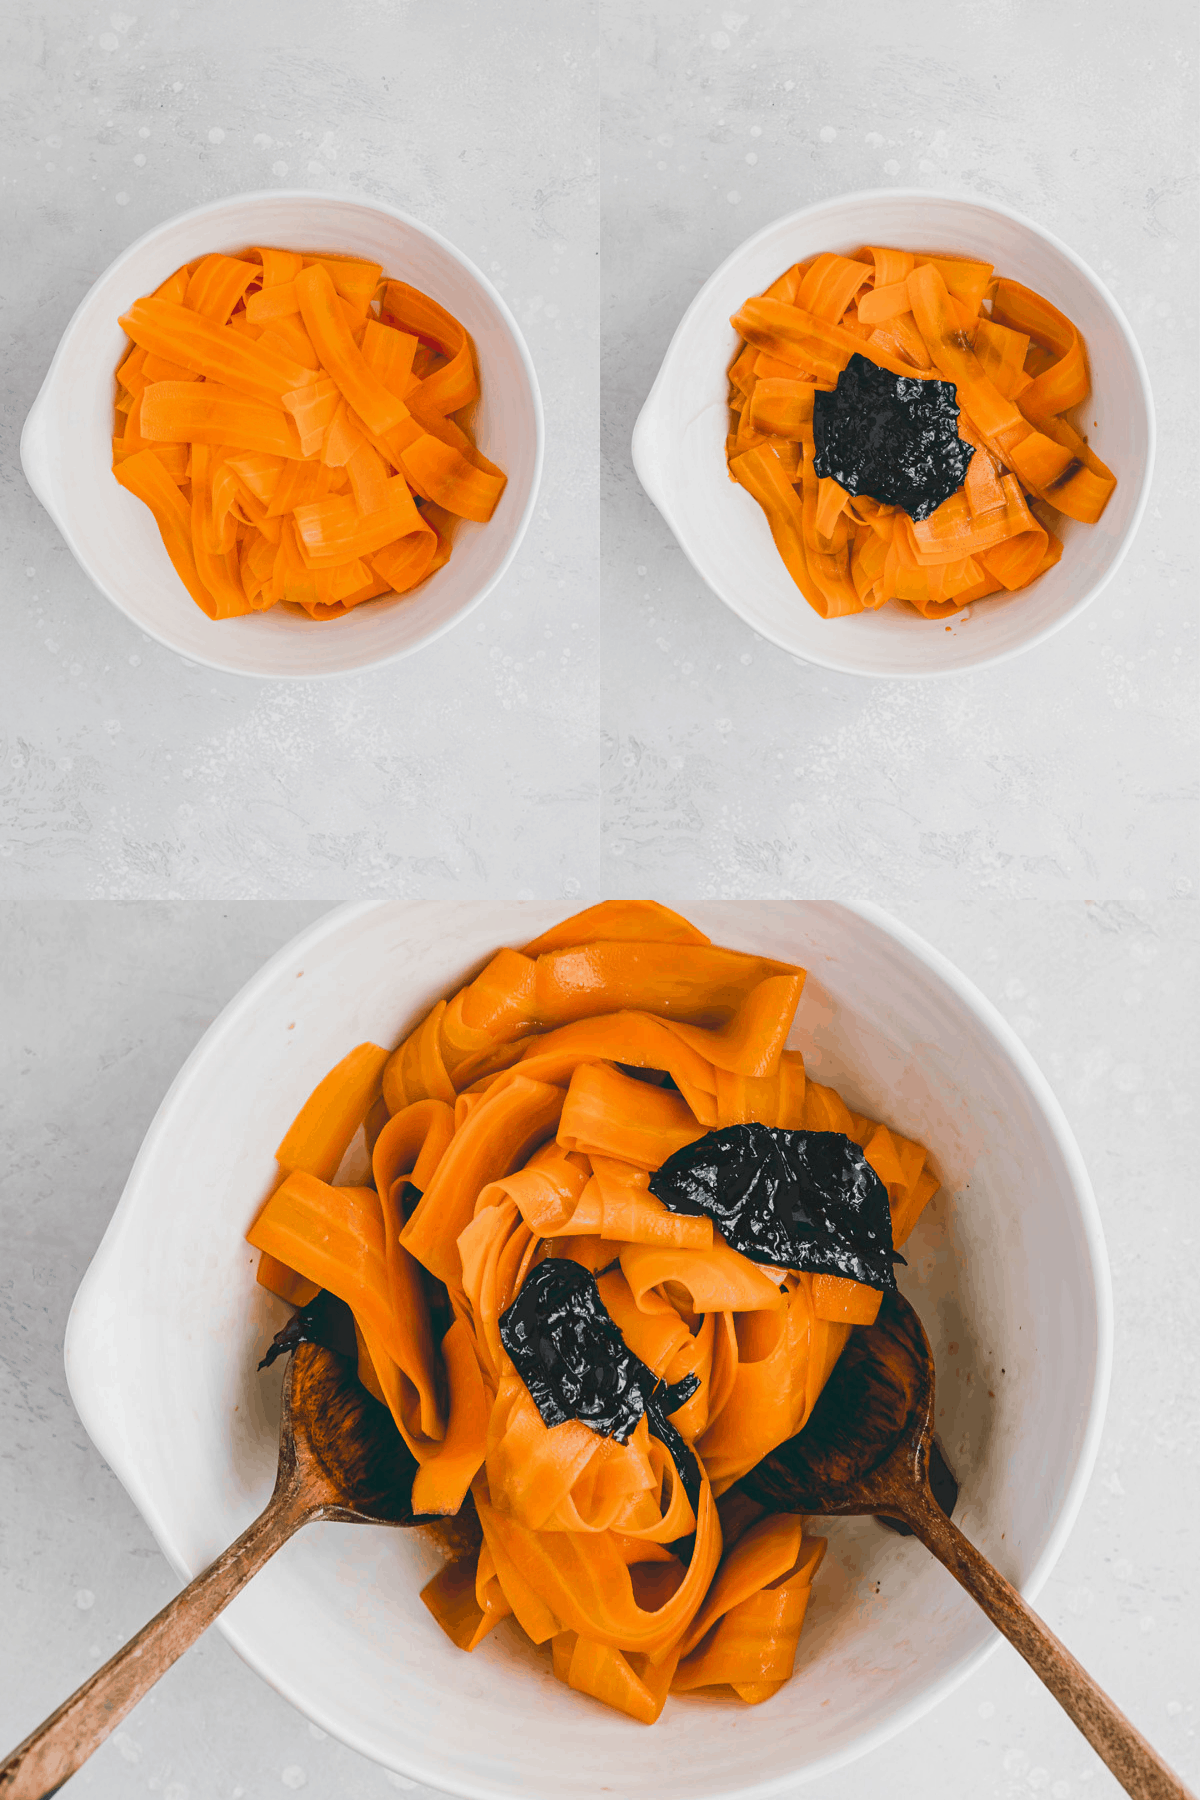 Veganer Karottenlachs Rezept Schritt 8-10